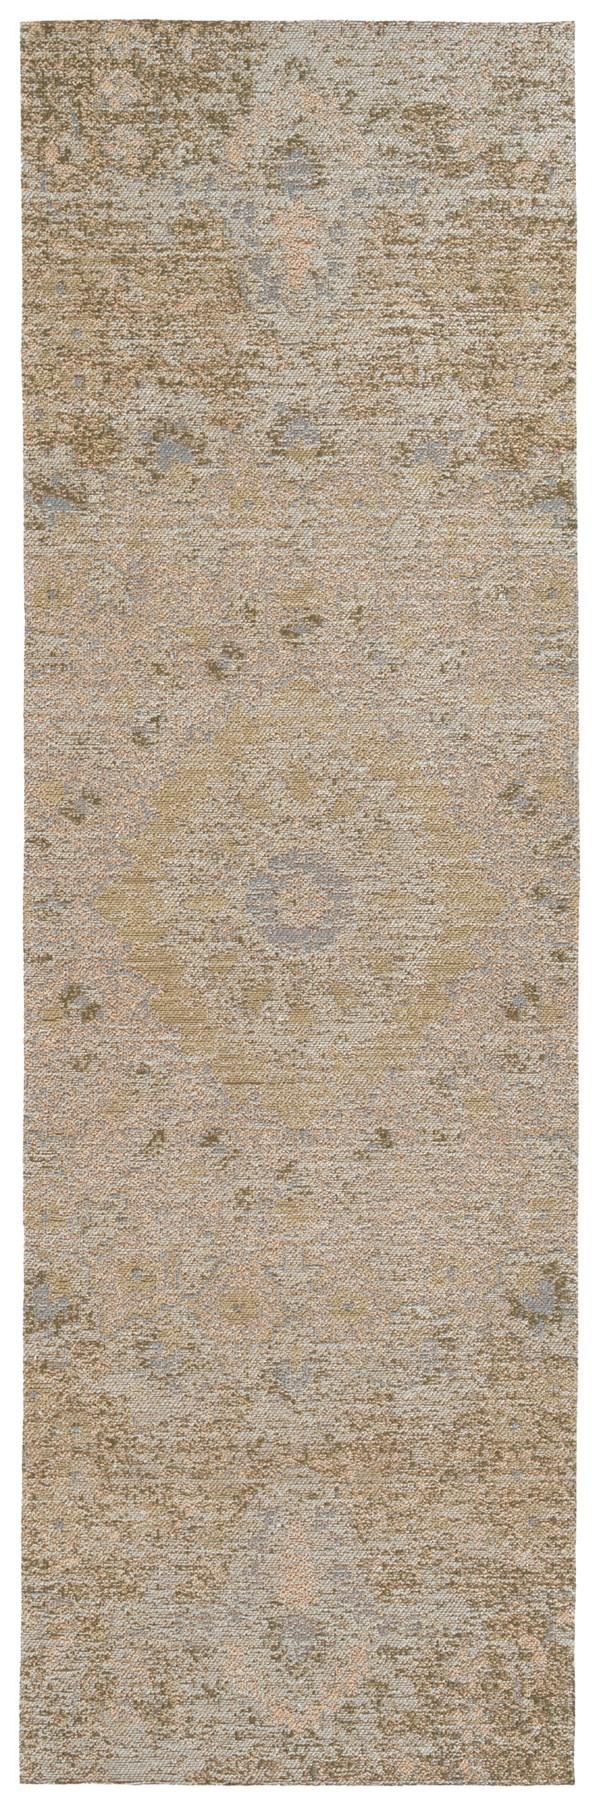 Beige, Gold (09) Outdoor / Indoor Area Rug